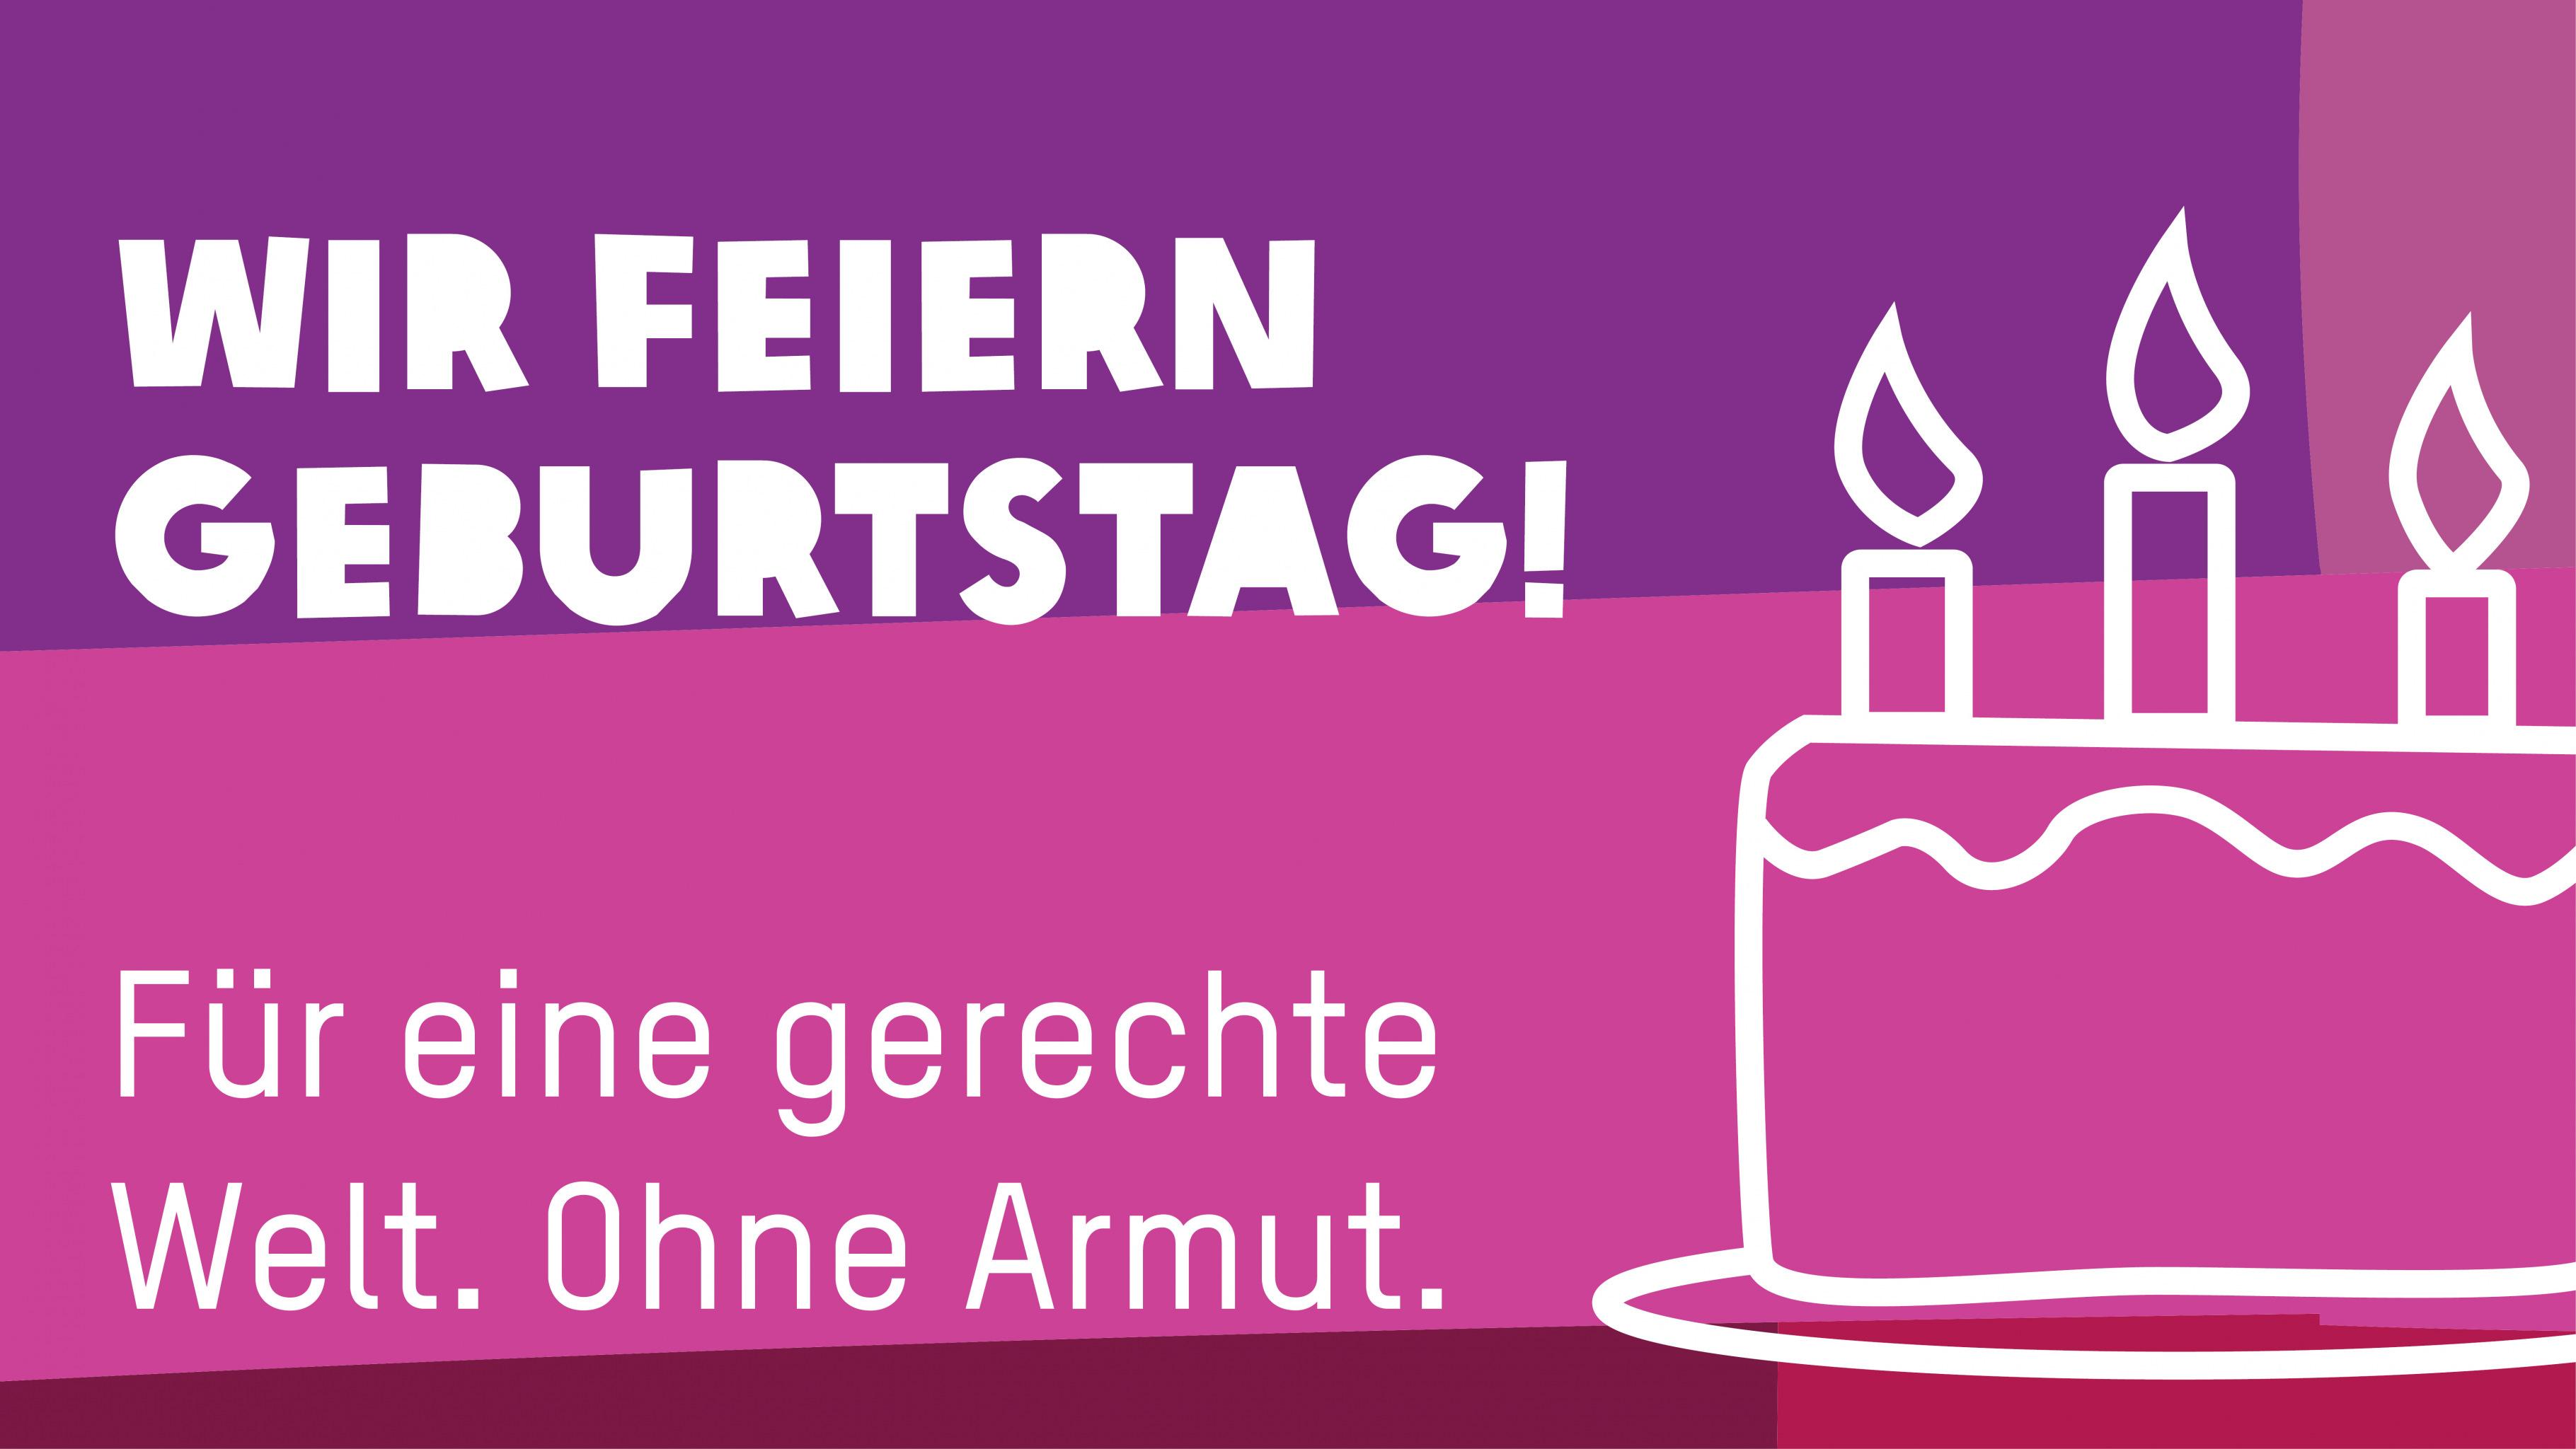 Oxfam Shops: Wir feiern Geburtstag!